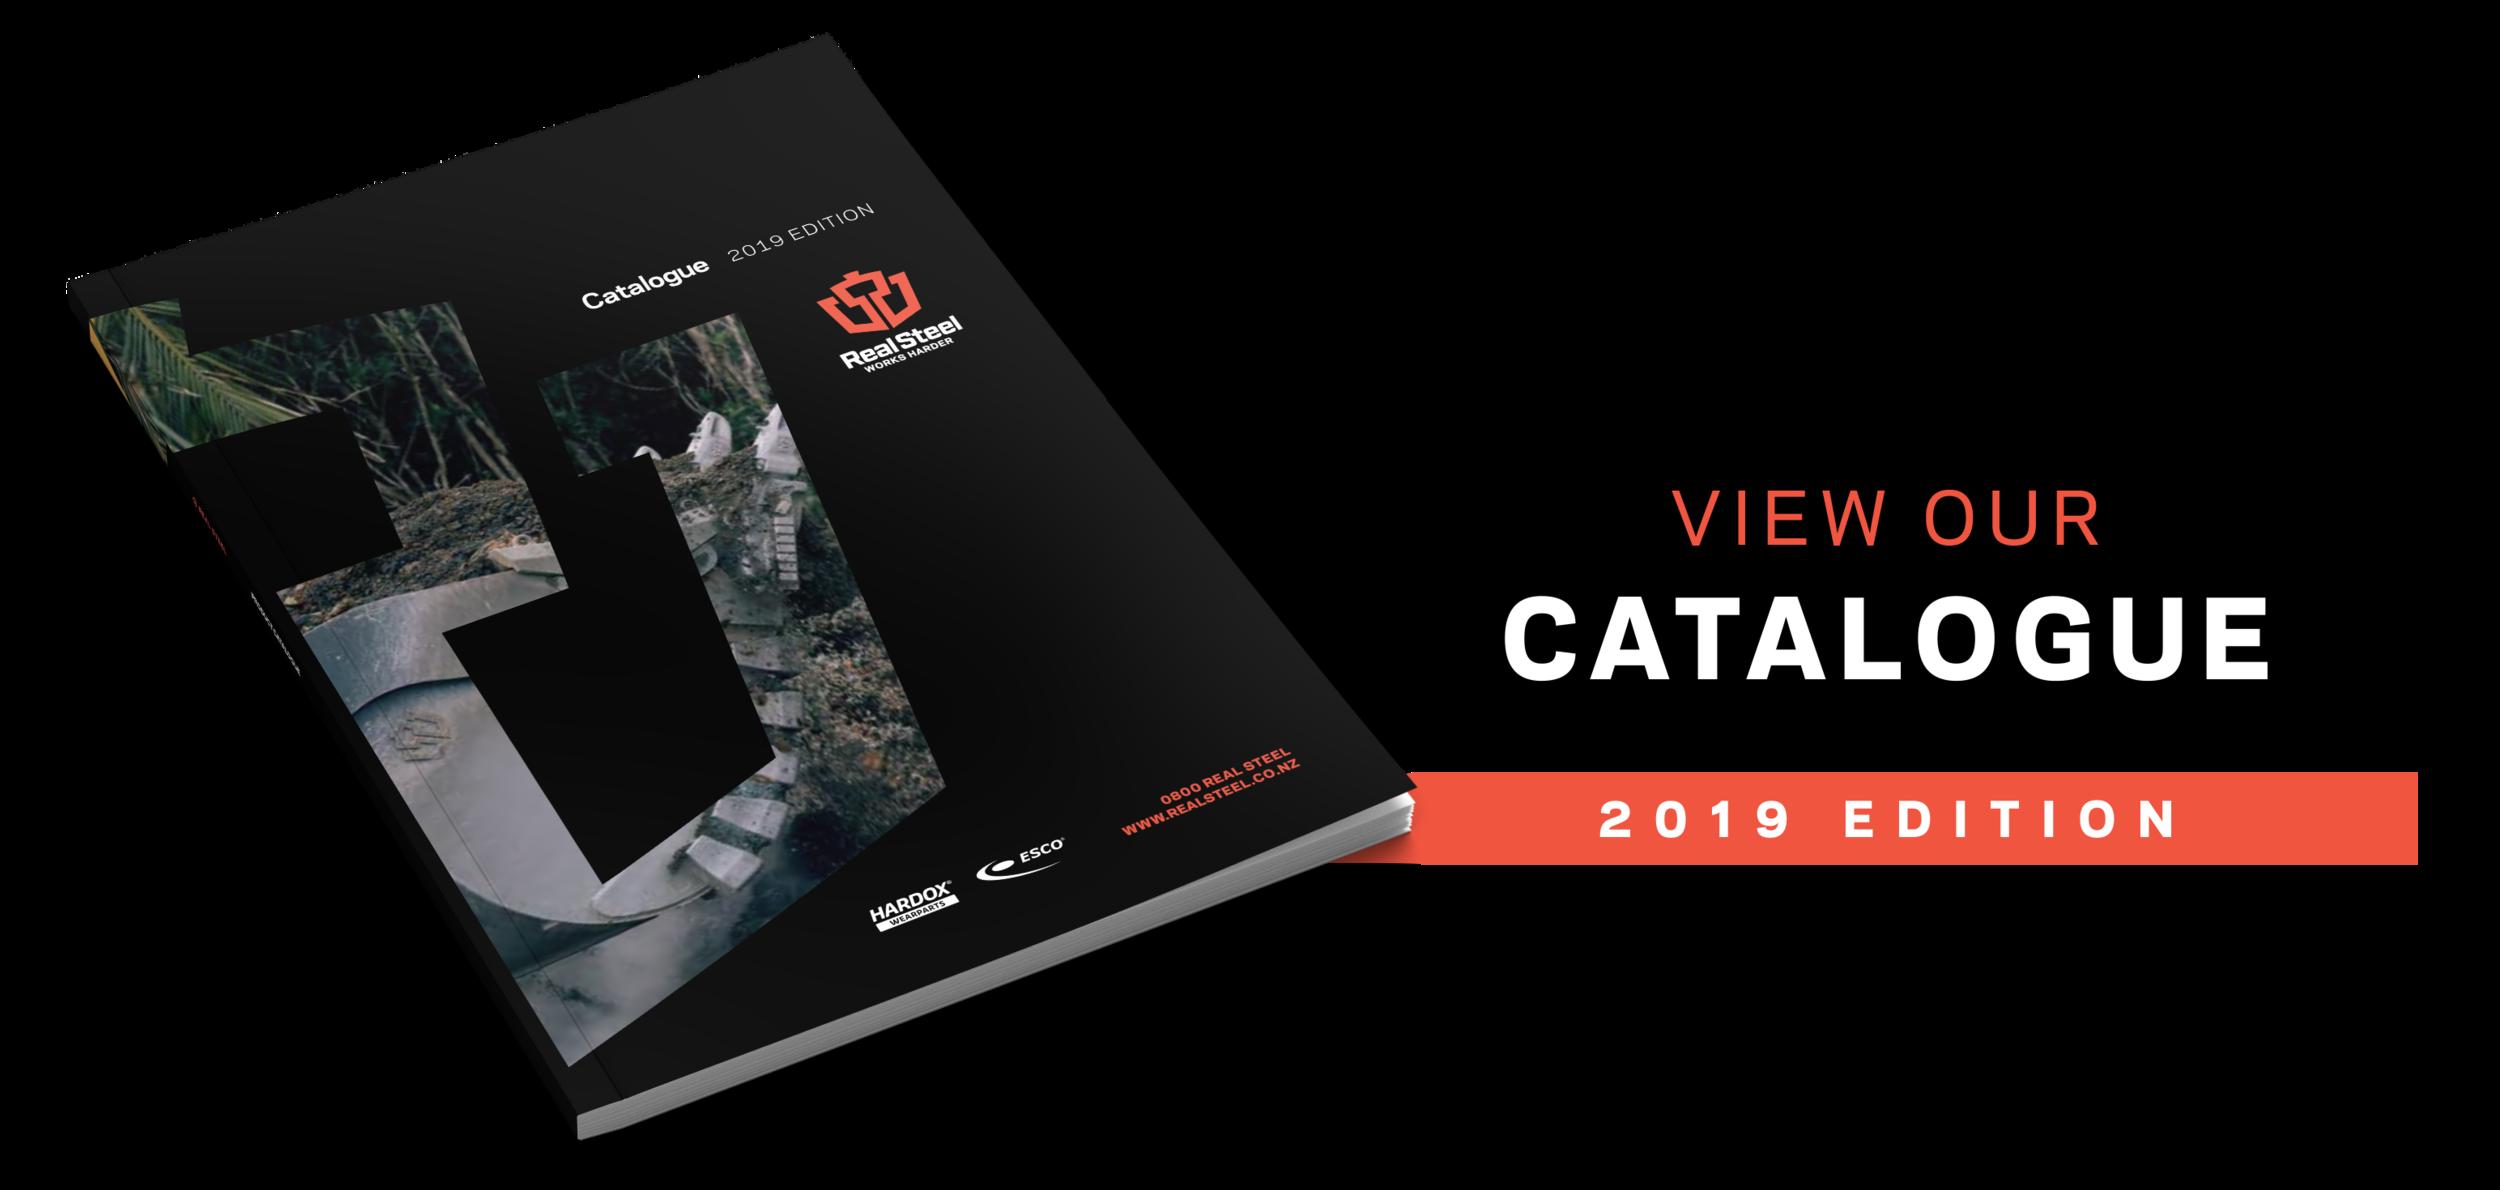 CataloguePromo-Web.png